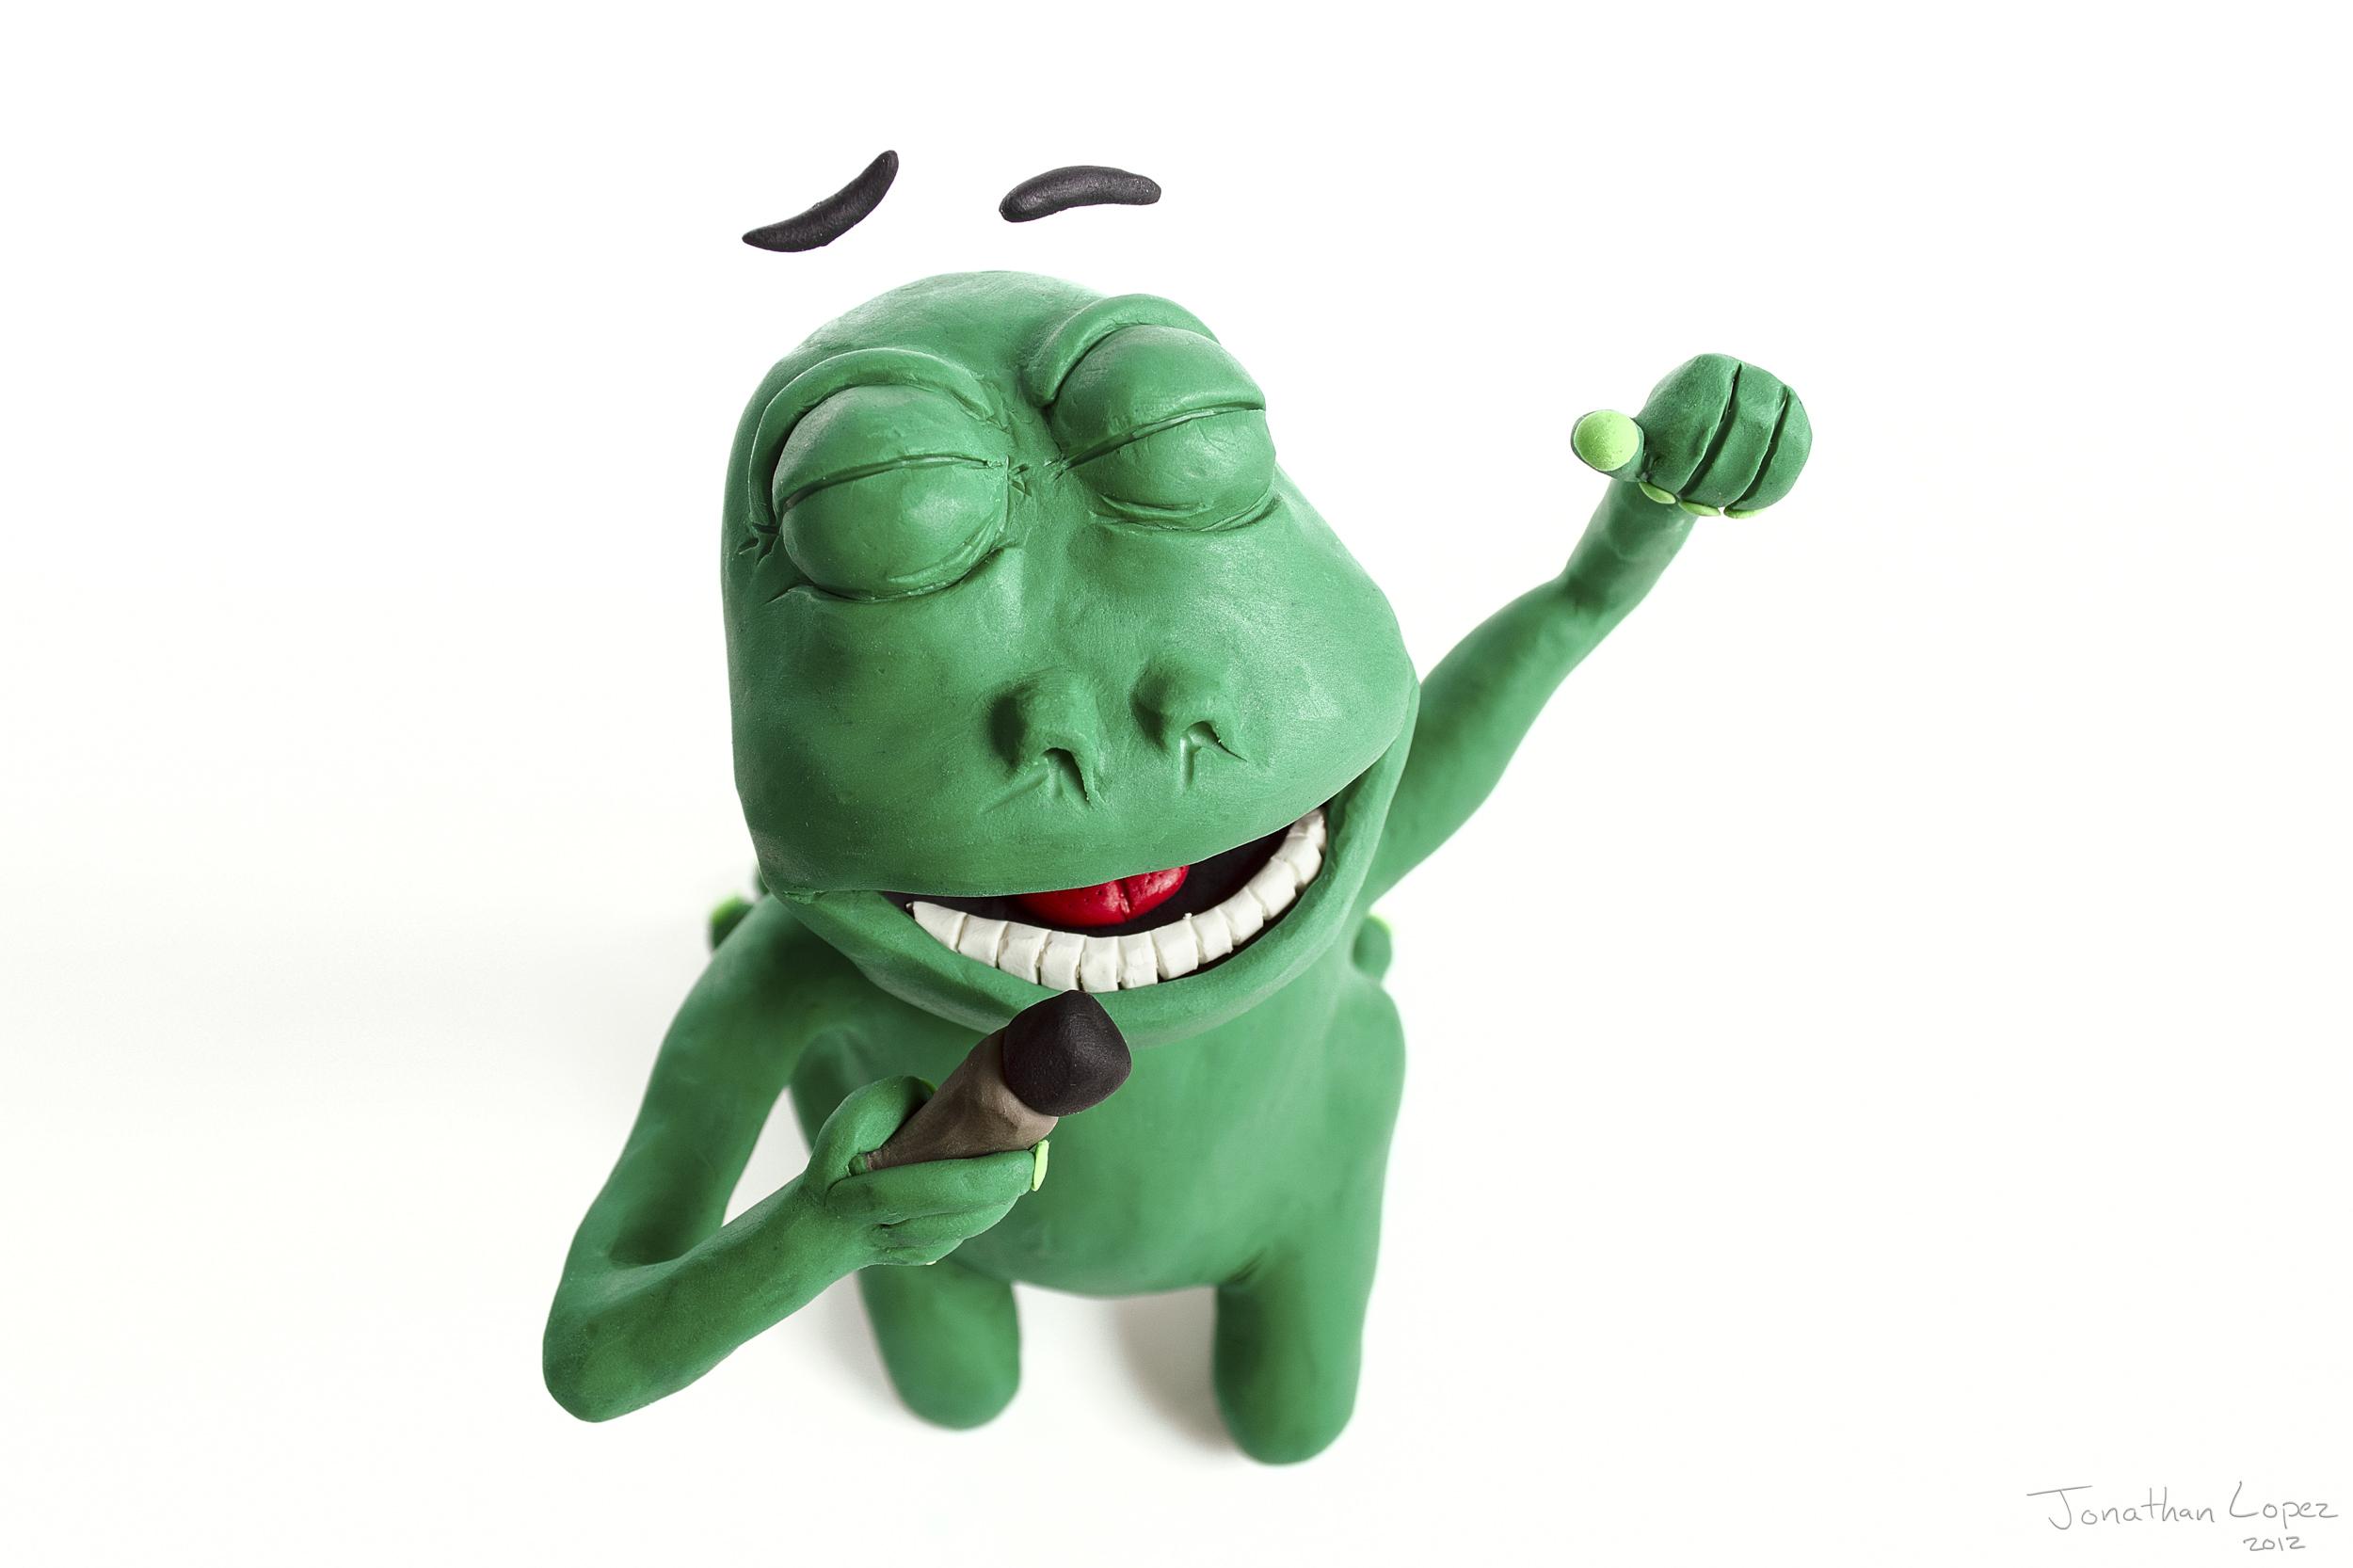 dsc_6072-2-rock-frog_7381718342_o_1.jpg